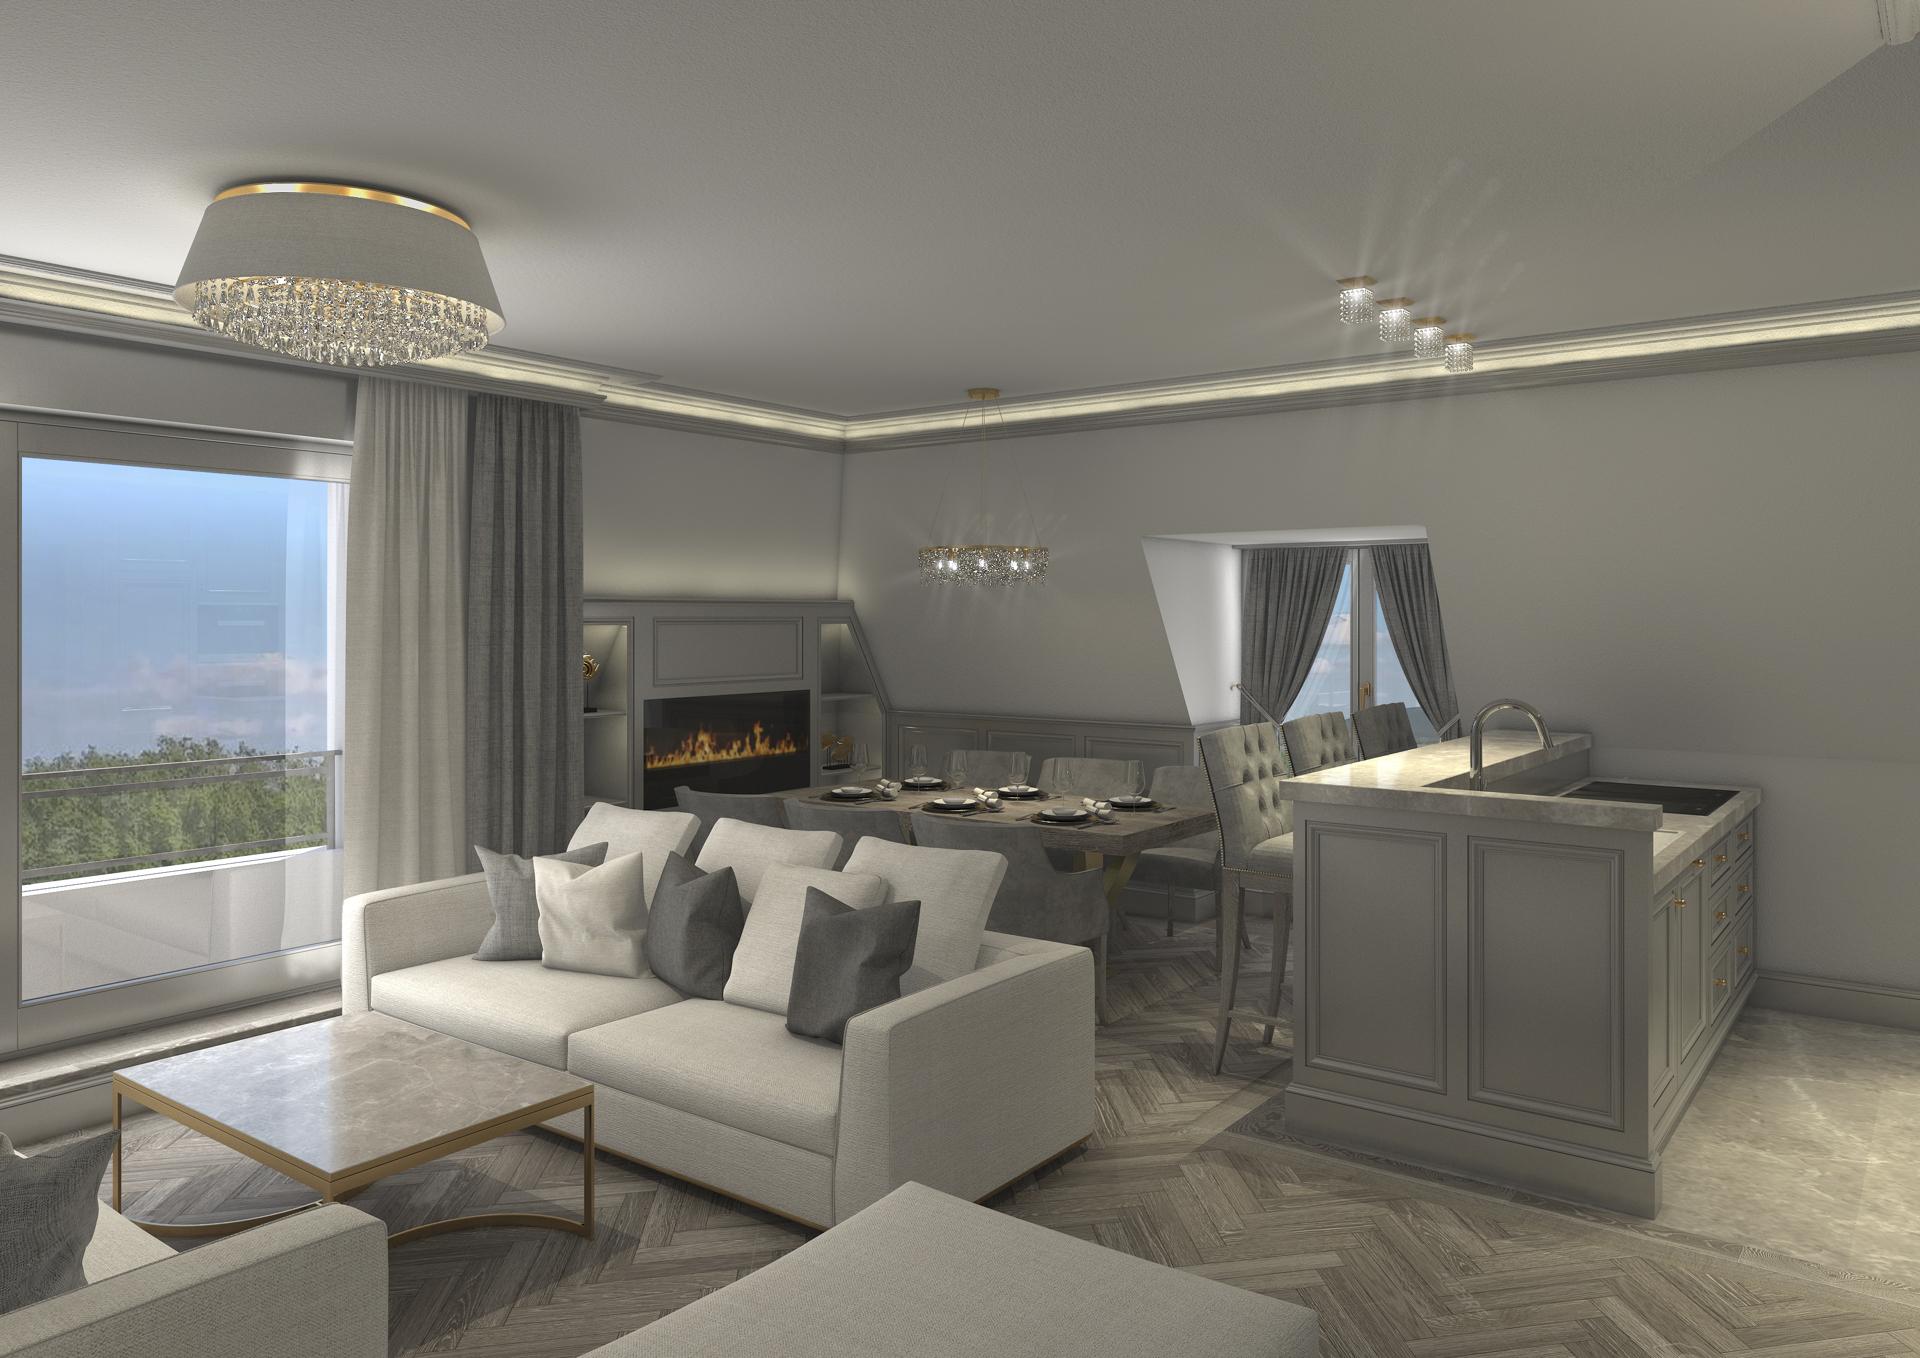 tischlerei-decker-visualisierungen-Klassisch-Wohn-Essbereich